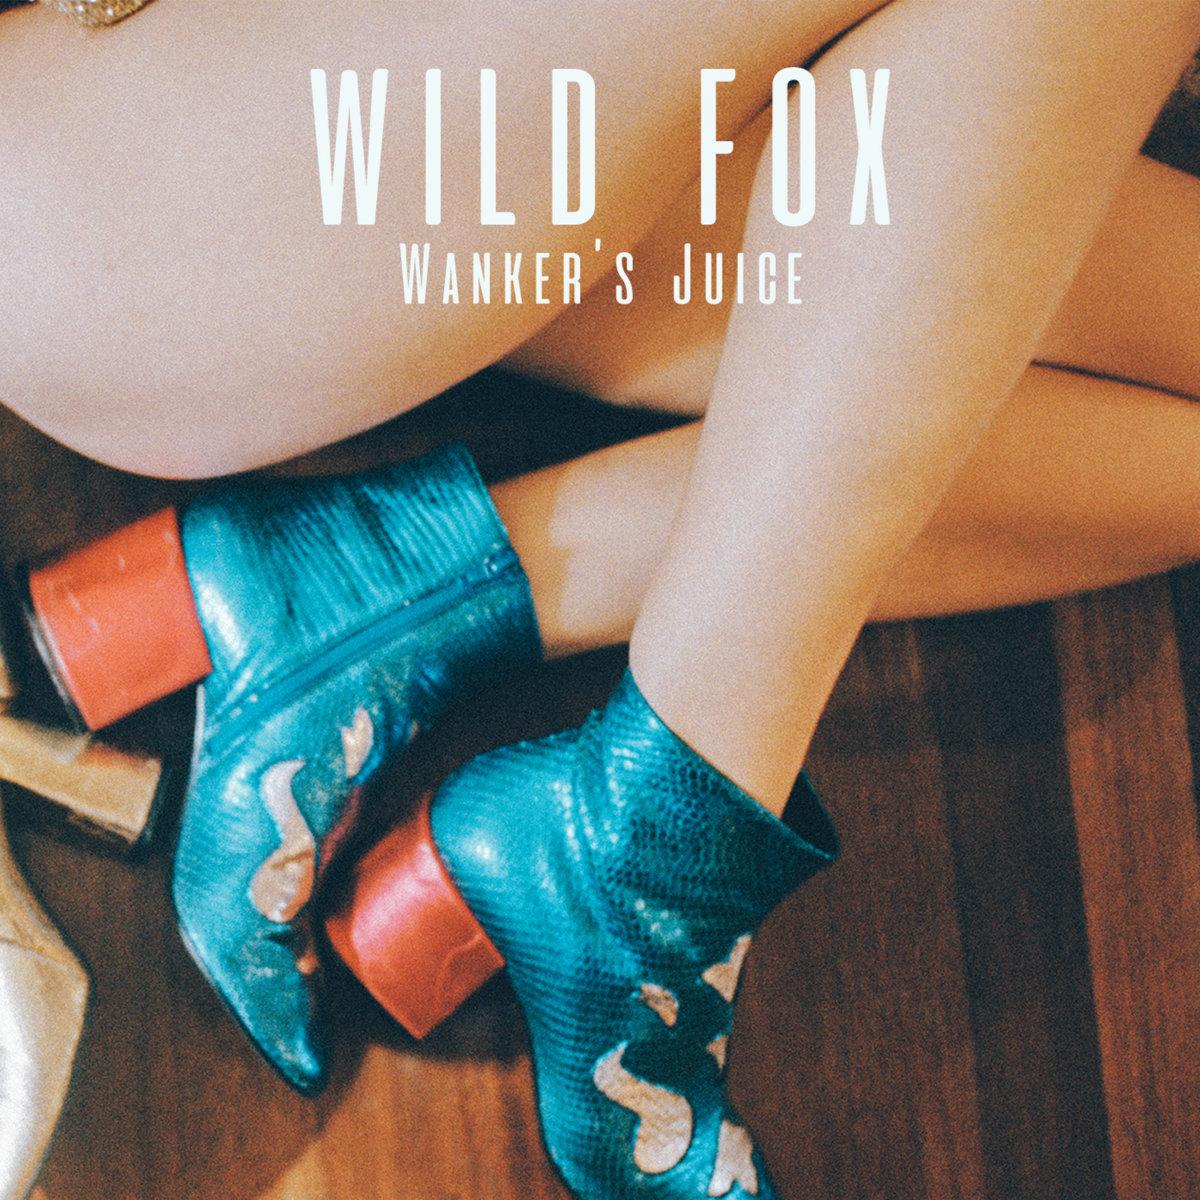 Wild Fox - Wanker's Juice - Les Oreilles Curieuses